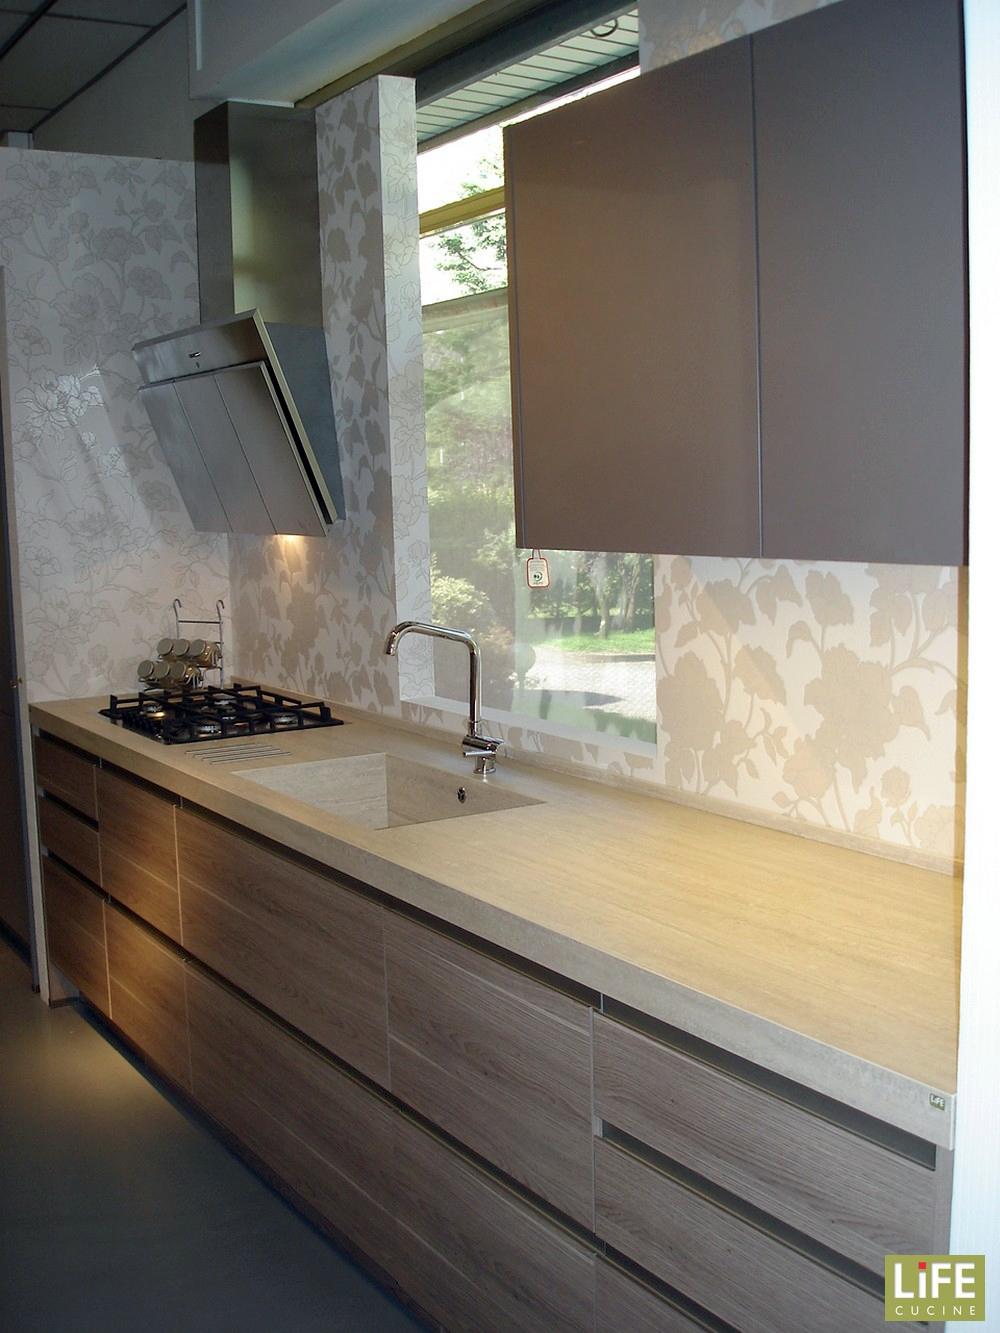 Cucina lineare moderna LiFE su 2 pareti scontata del 40 ...